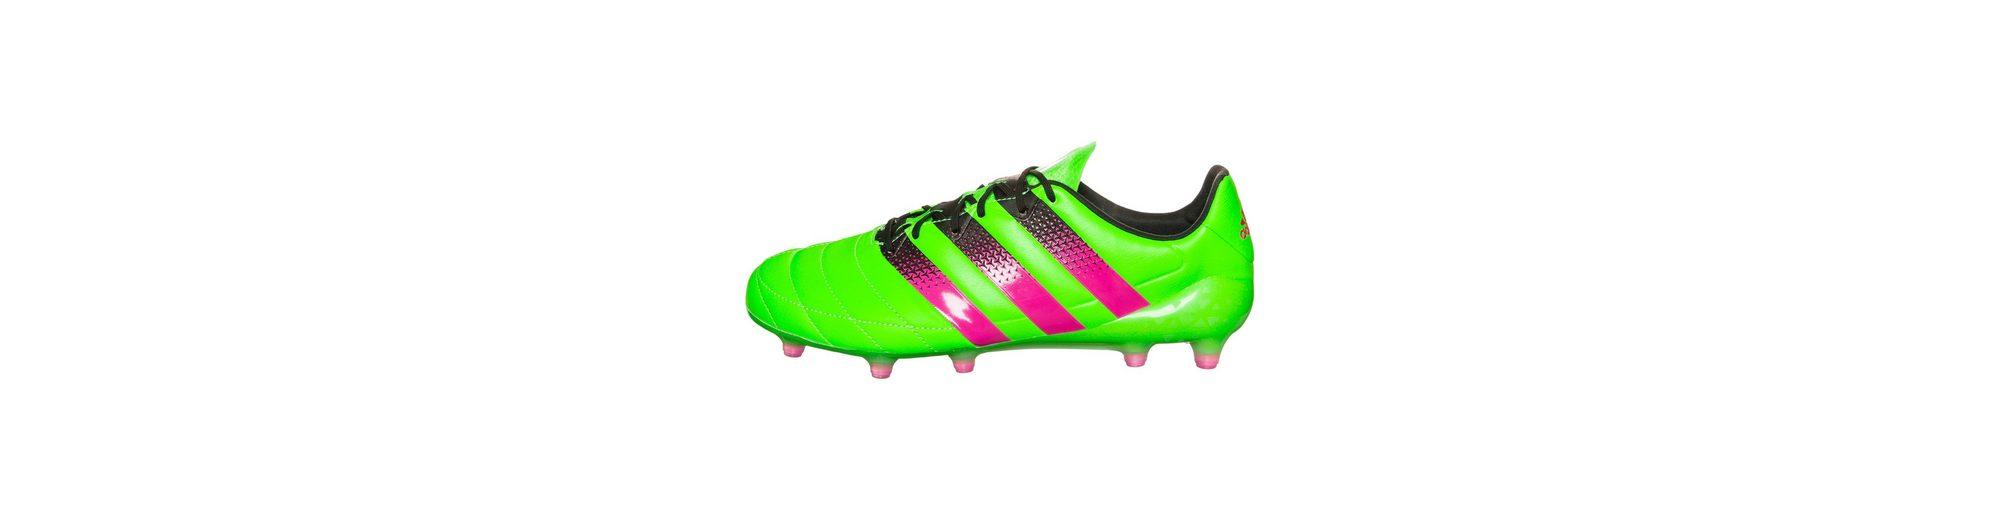 adidas Performance ACE 16.1 FG/AG Leather Fußballschuh Herren Schnelle Lieferung Unter 50 Dollar Kostengünstig 2gG8HT3GU